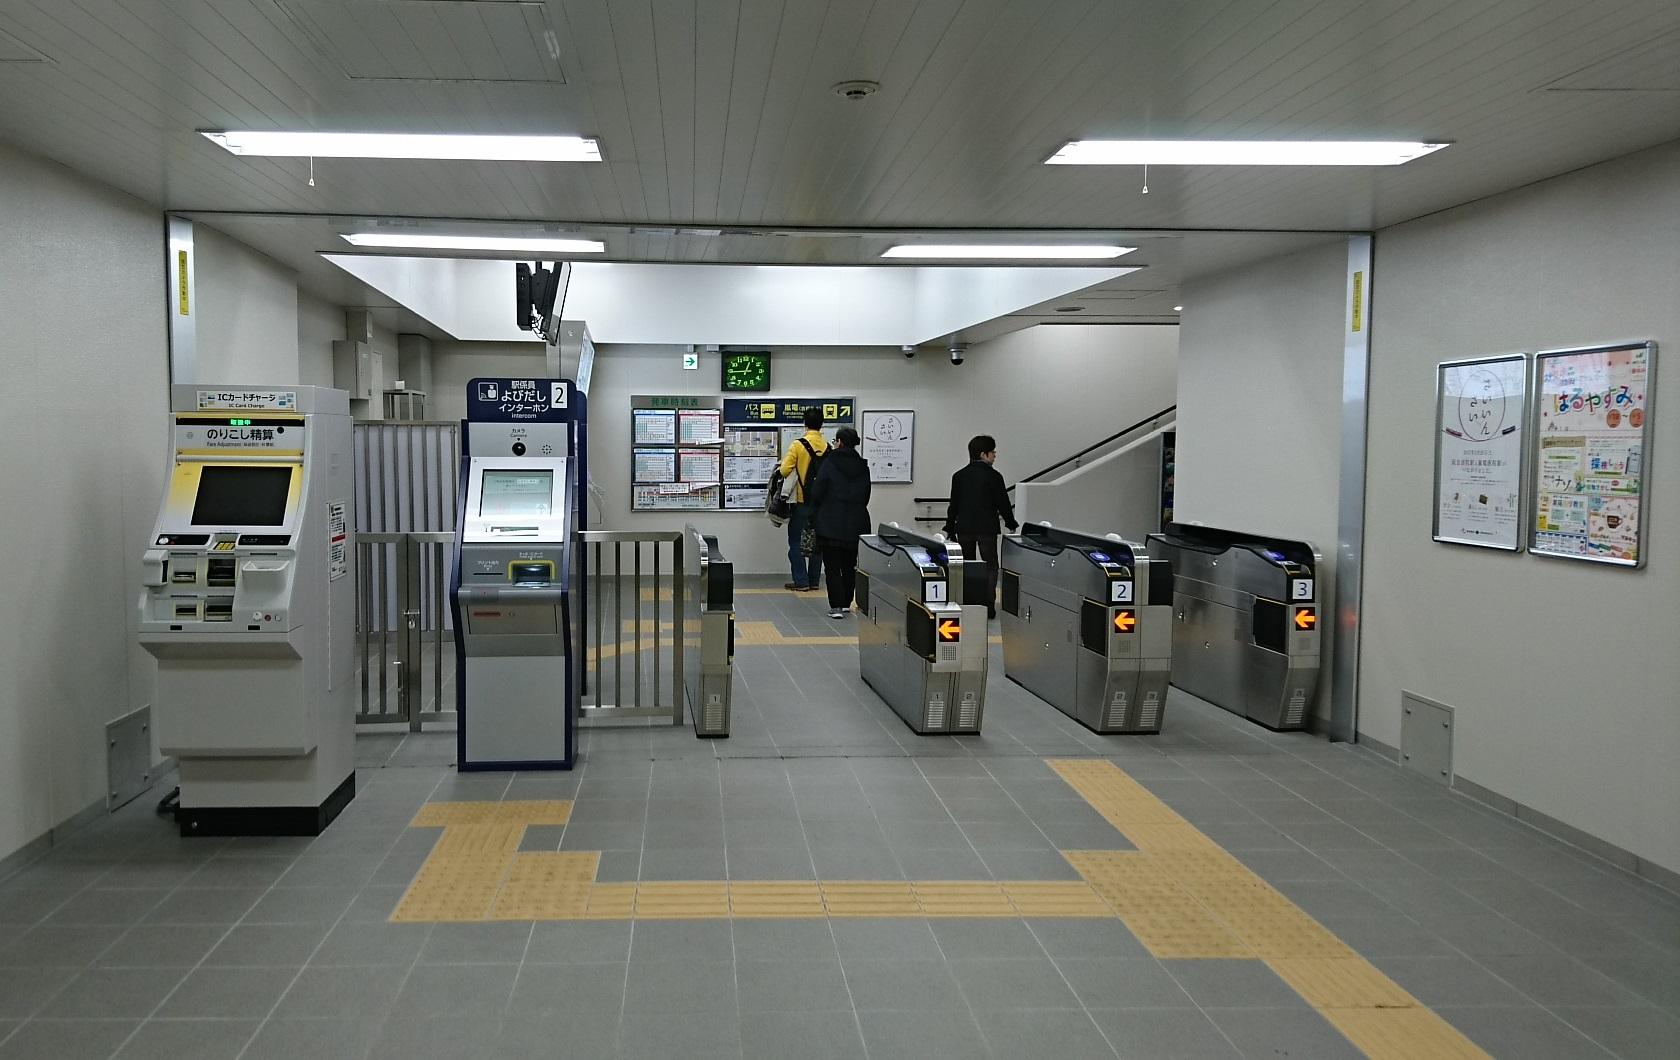 2017.4.2 阪急 (39) 西院 1680-1060